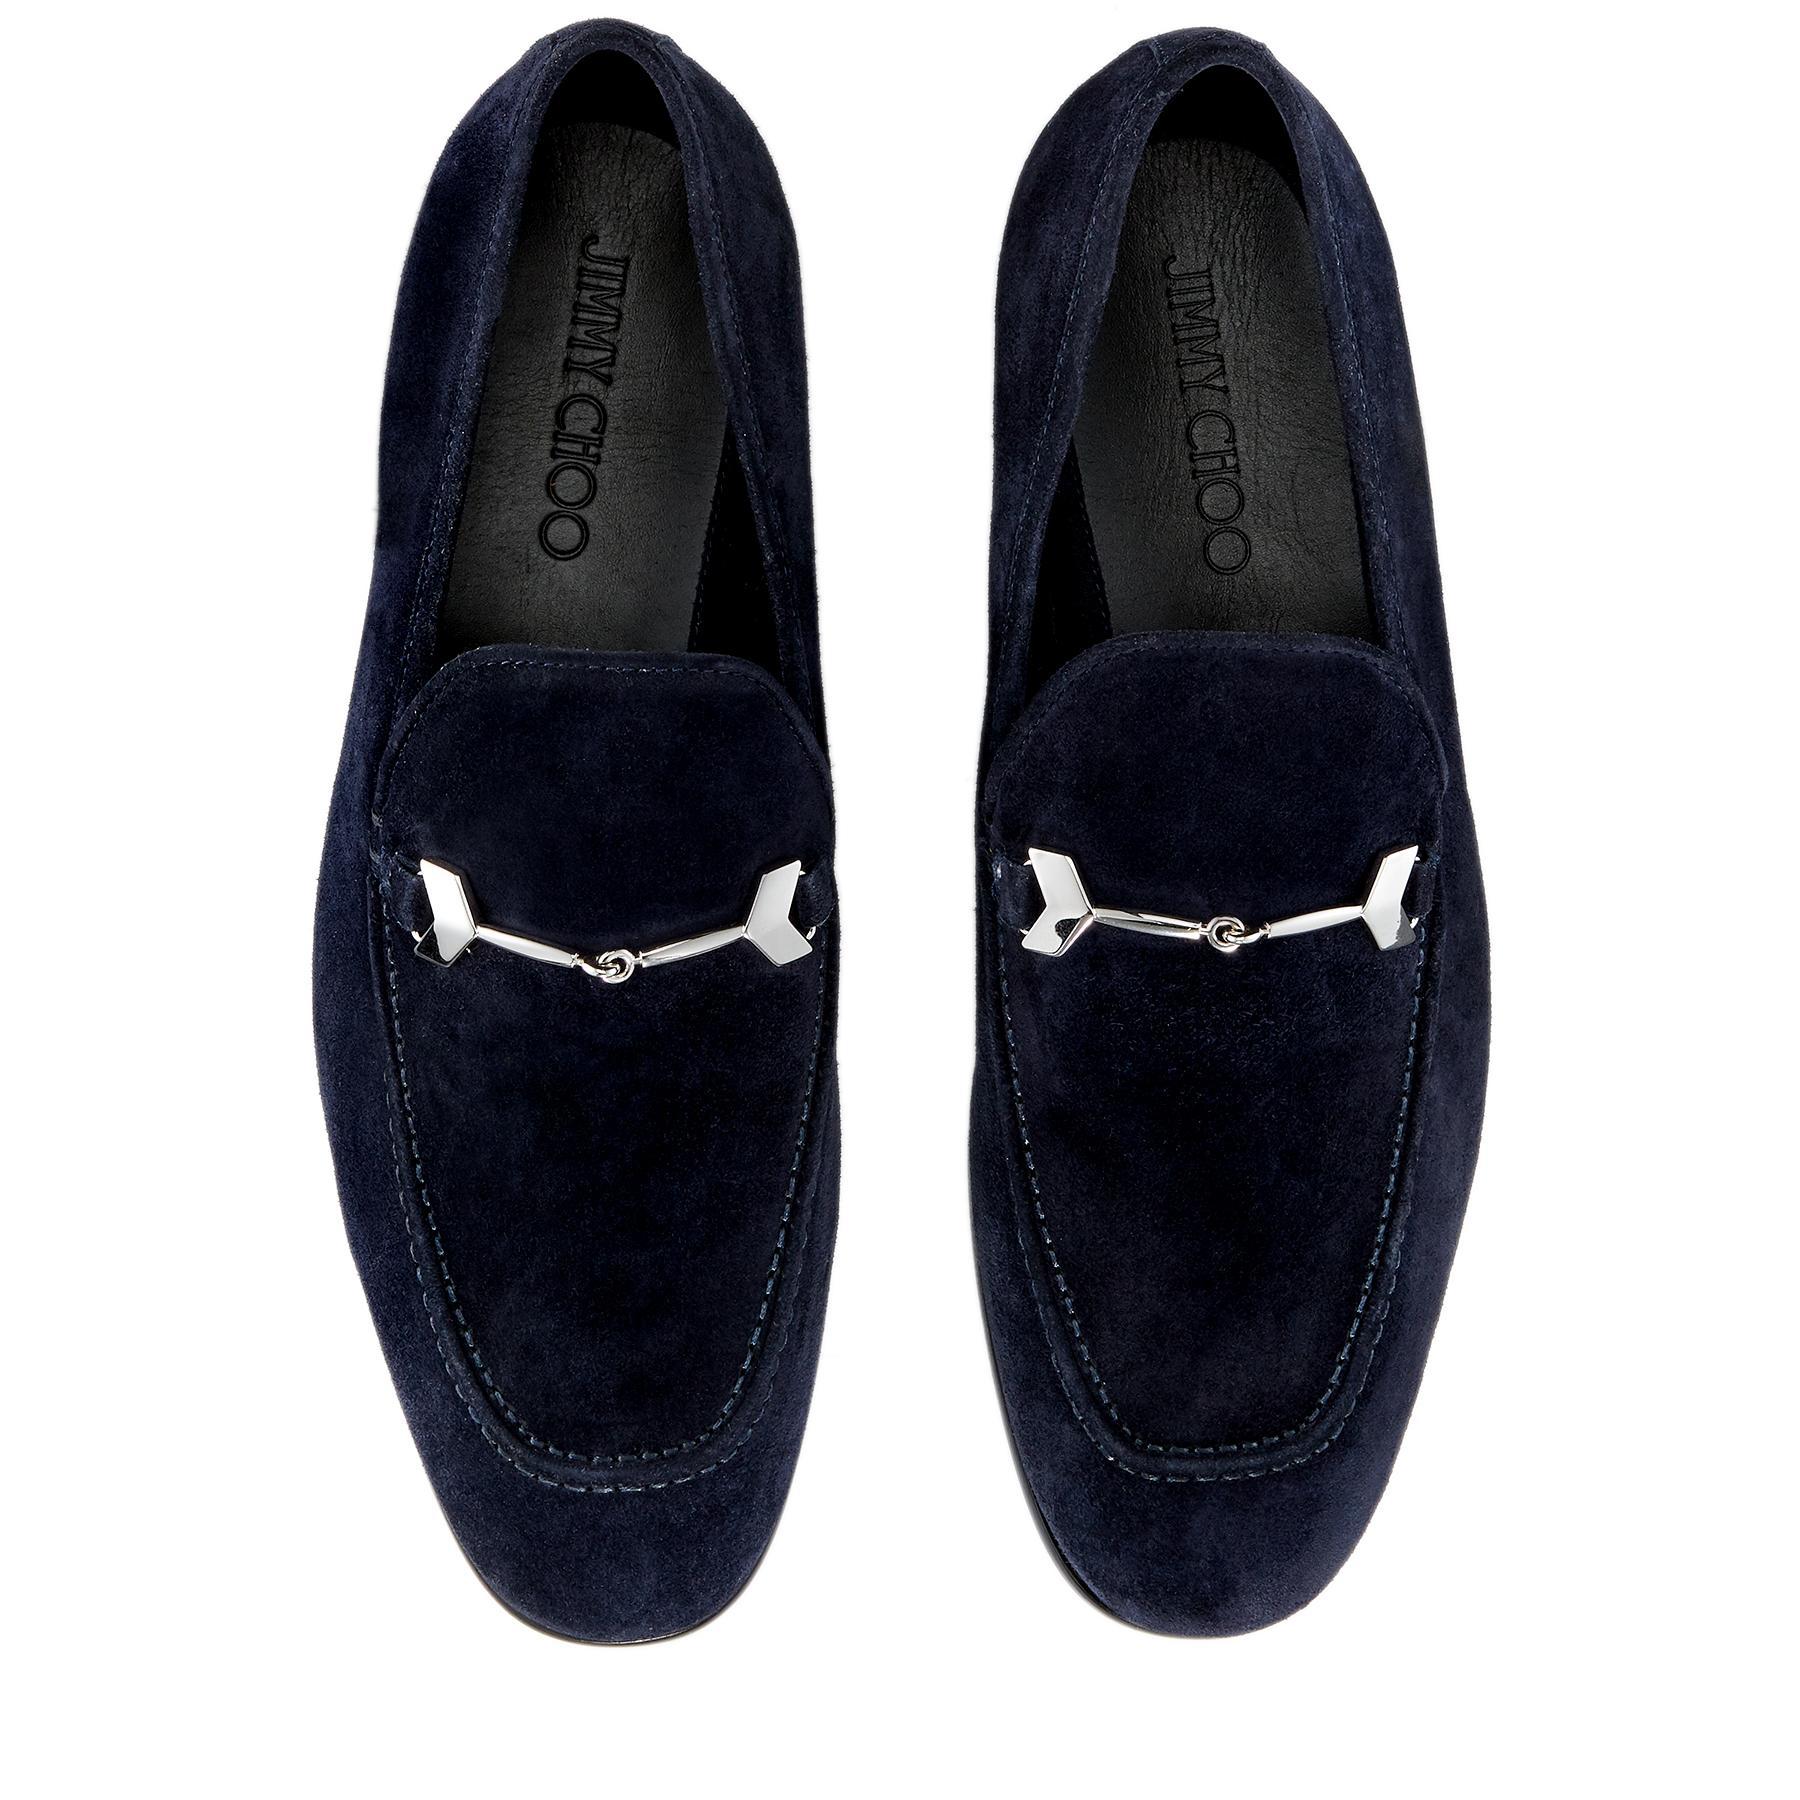 e4dae40b7b1 Jimmy Choo - Blue Marti Navy Velvet Suede Loafers for Men - Lyst. View  fullscreen